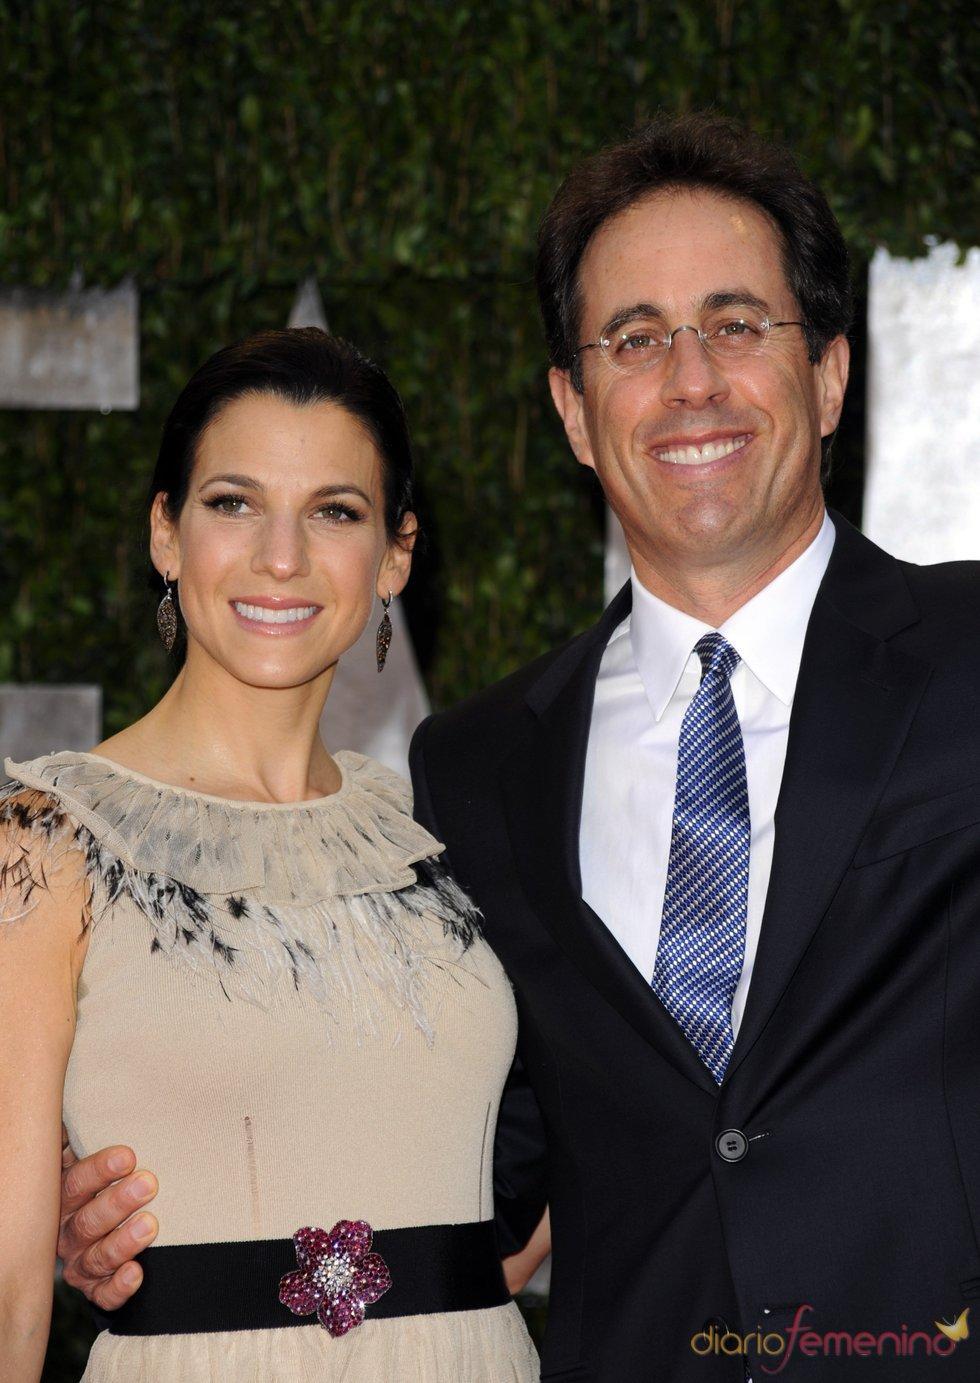 Jerry Seinfeld y su mujer en la fiesta Vanity Fair Oscar 2010